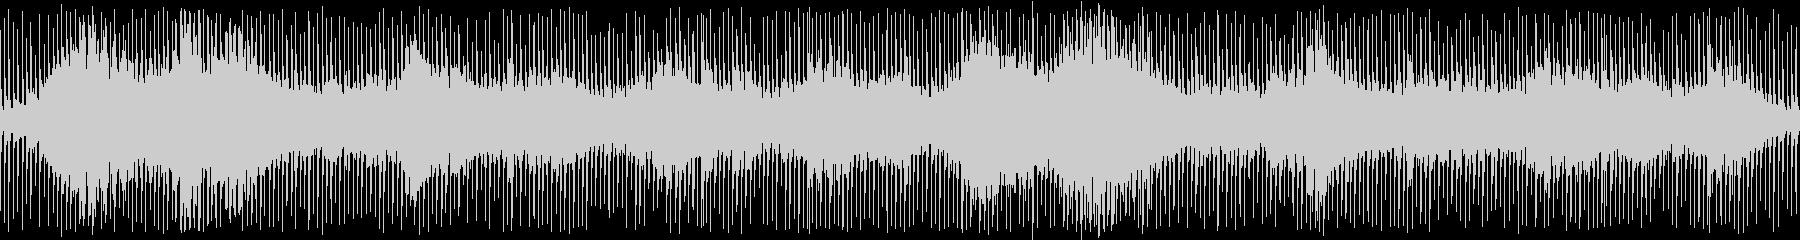 絶対零度ホラー 雪山遭難ノベル ループの未再生の波形